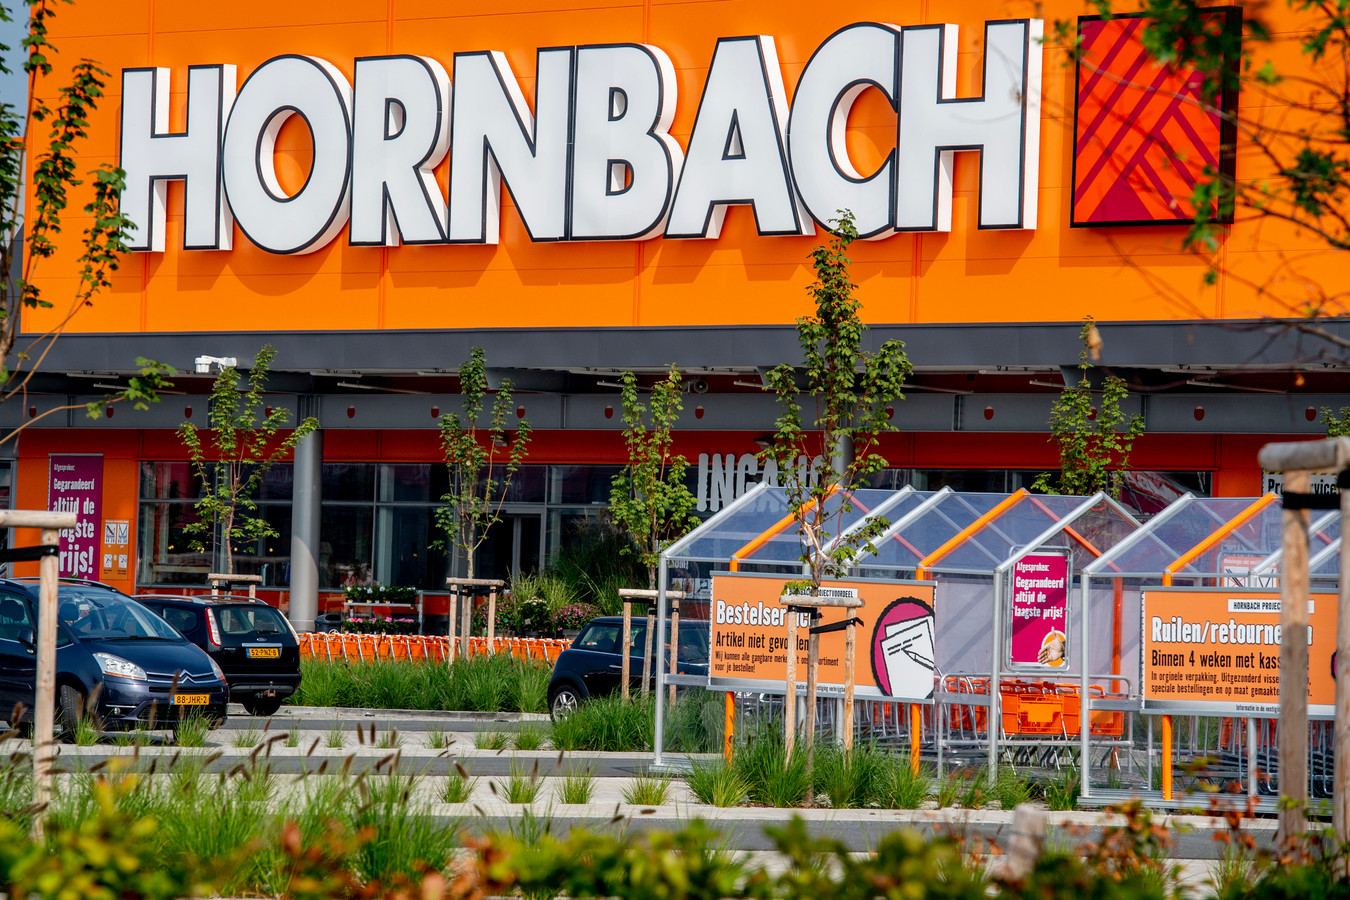 Hornbach heeft al 150 vestigingen in Nederland en wil nu ook in Ressen neerstrijken. Op de foto het filiaal in Zwolle.